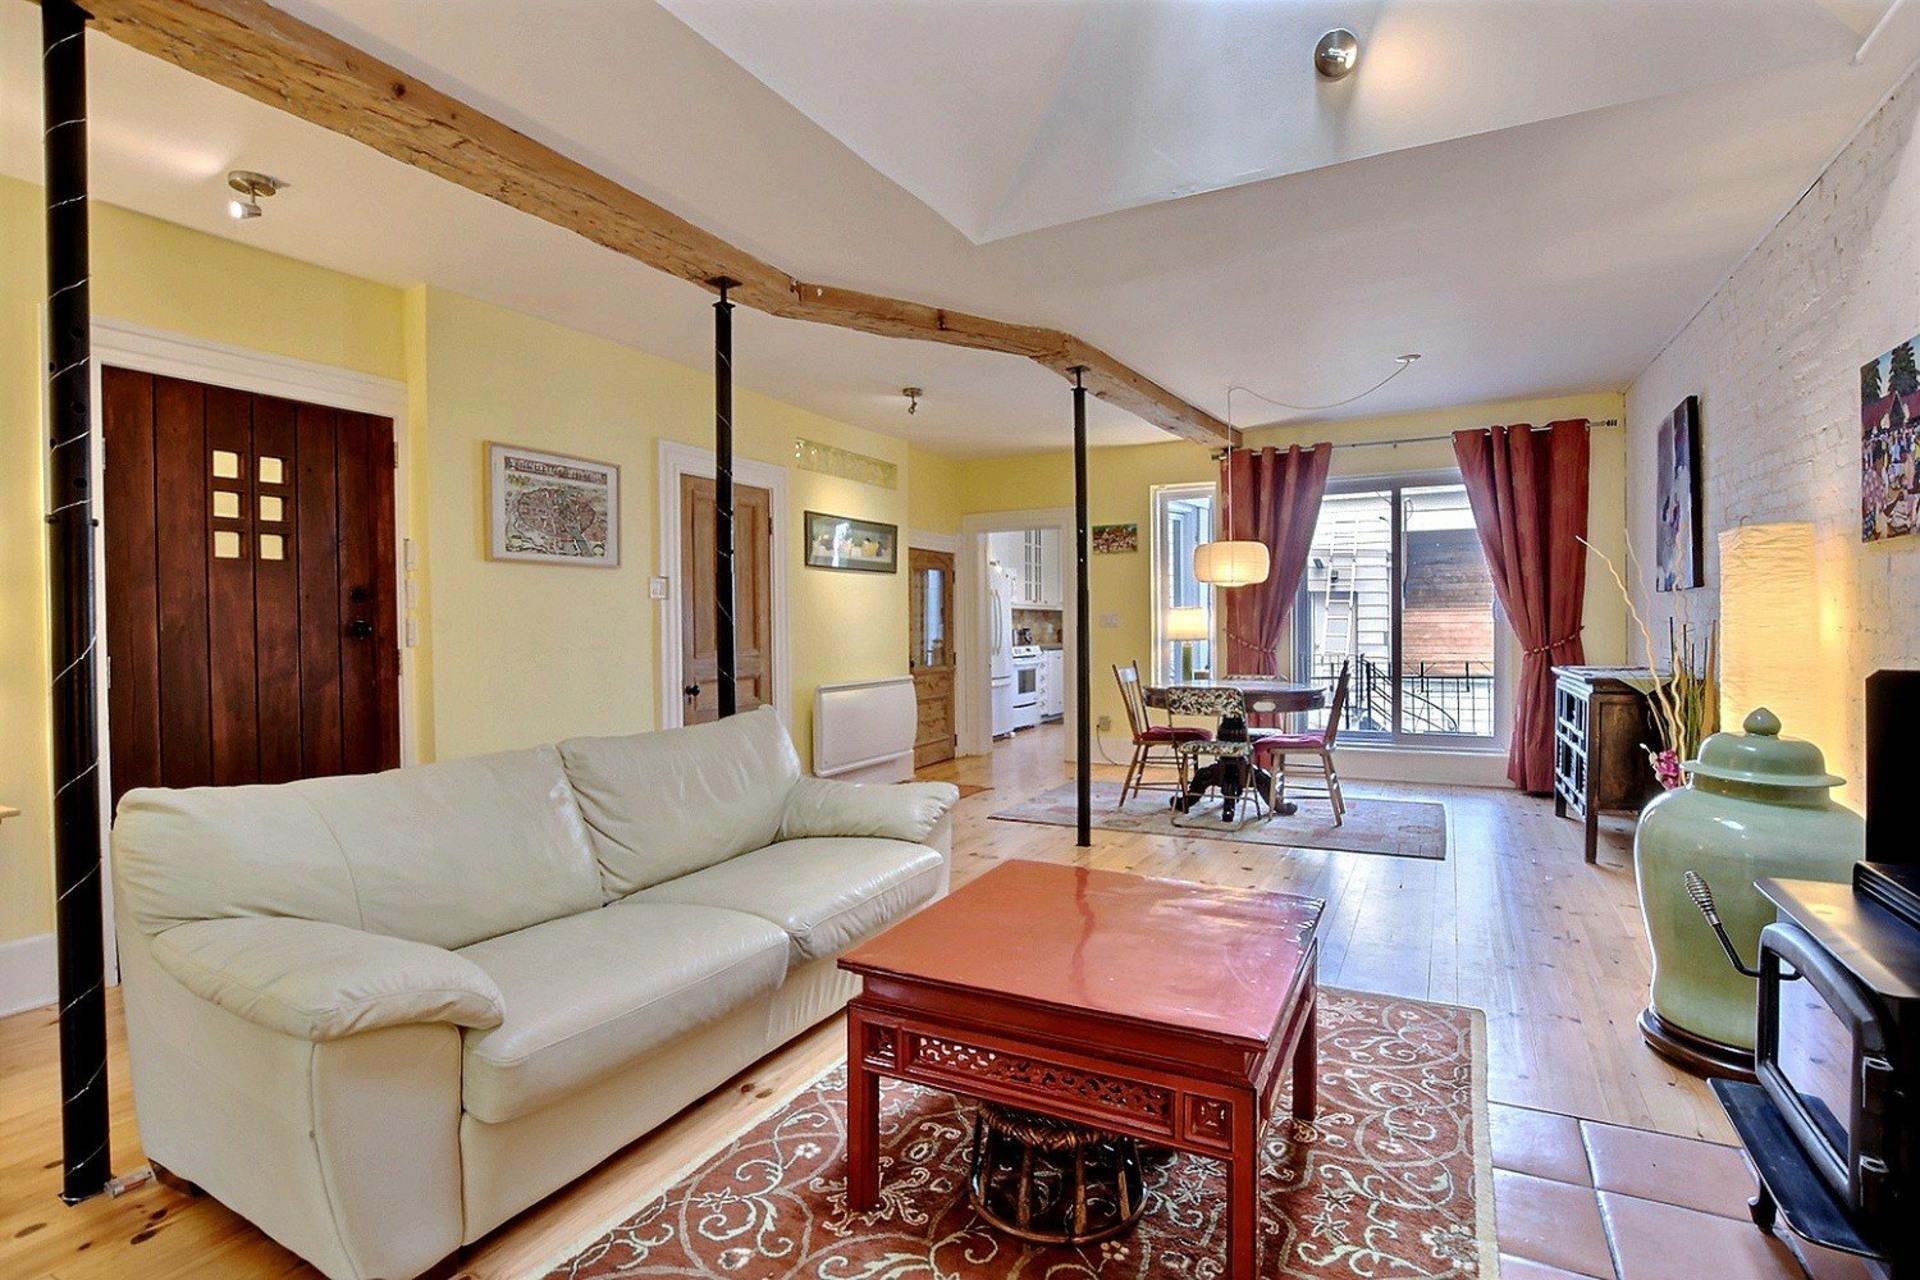 image 4 - Appartement À vendre Montréal Le Plateau-Mont-Royal  - 10 pièces